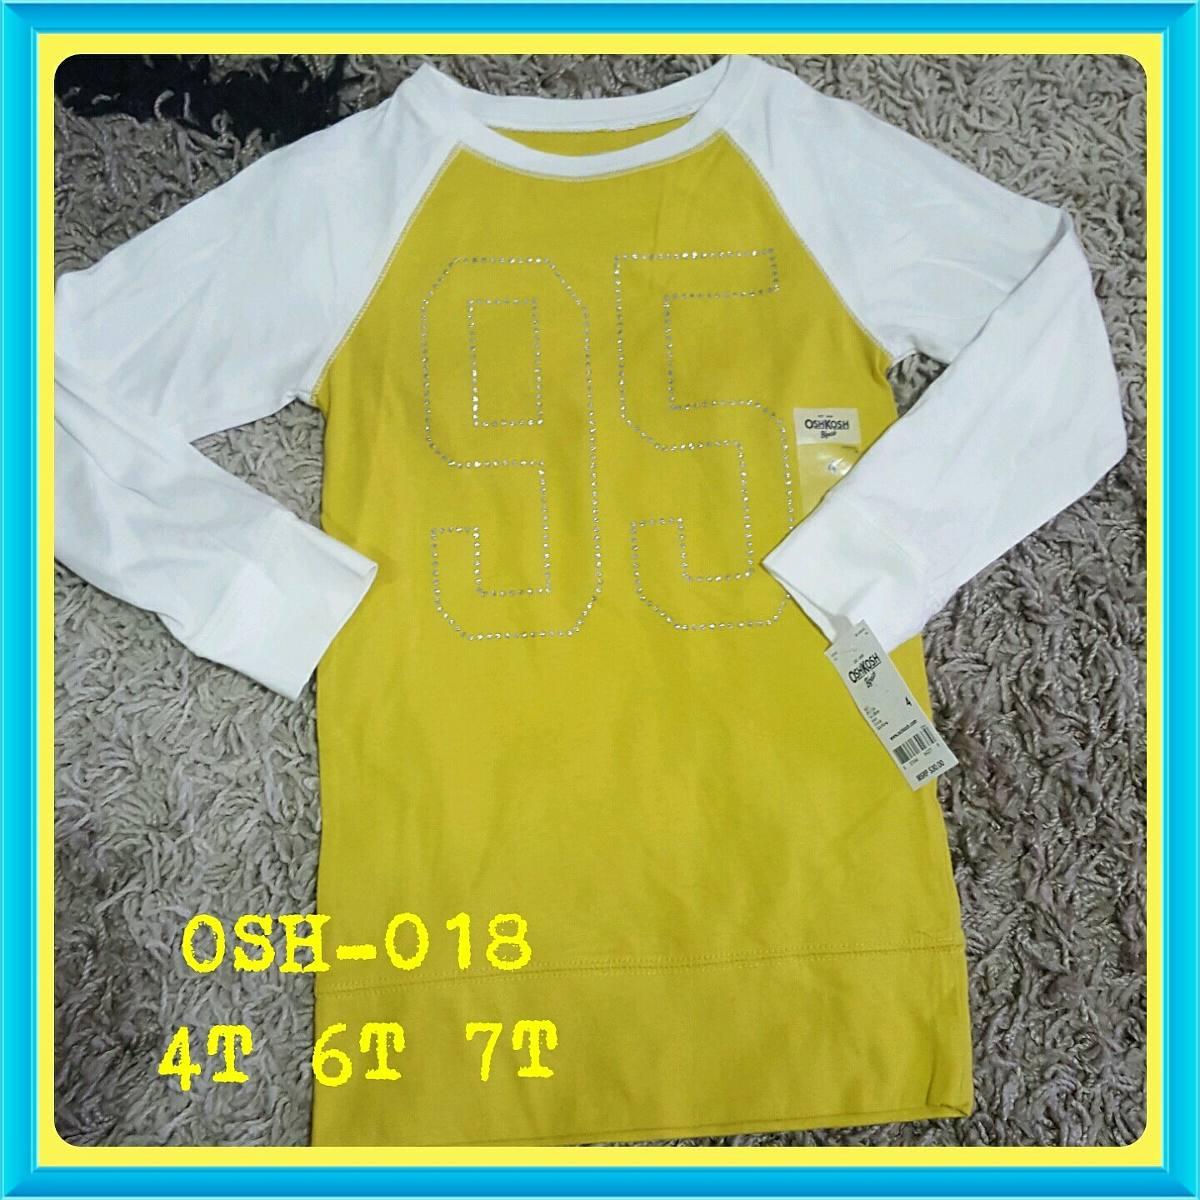 50b2180b2 Ropa Niñas Sueter Franelas Blusas Gymboree Oshkosh - Bs. 170.000,00 ...